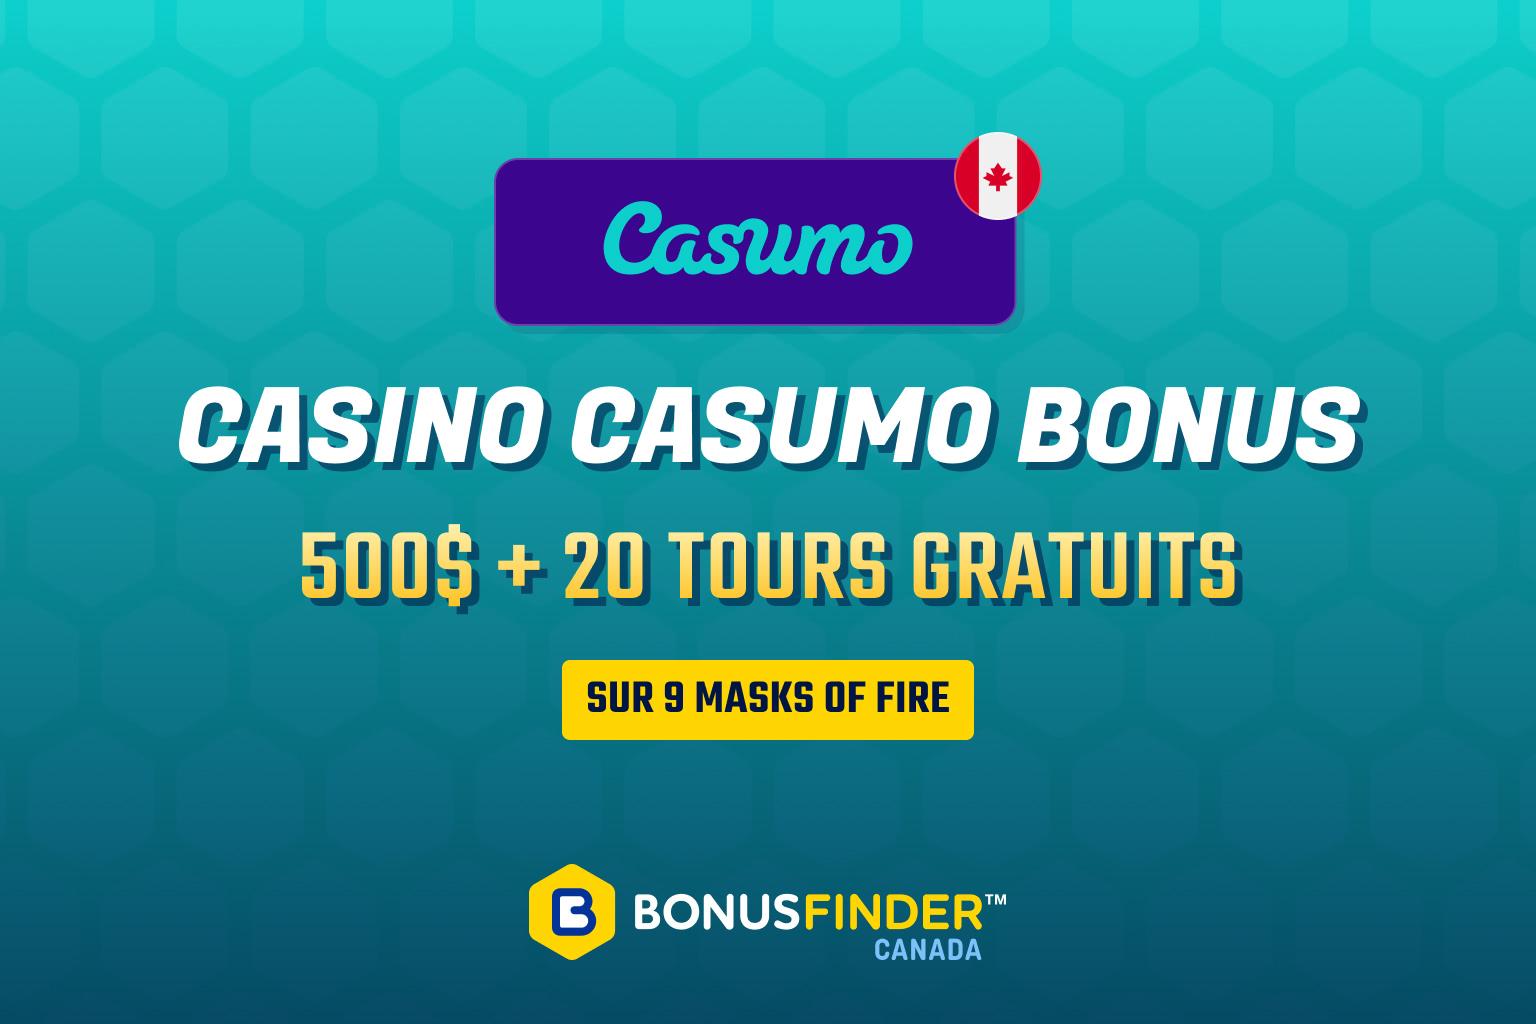 bonus casumo tours gratuits